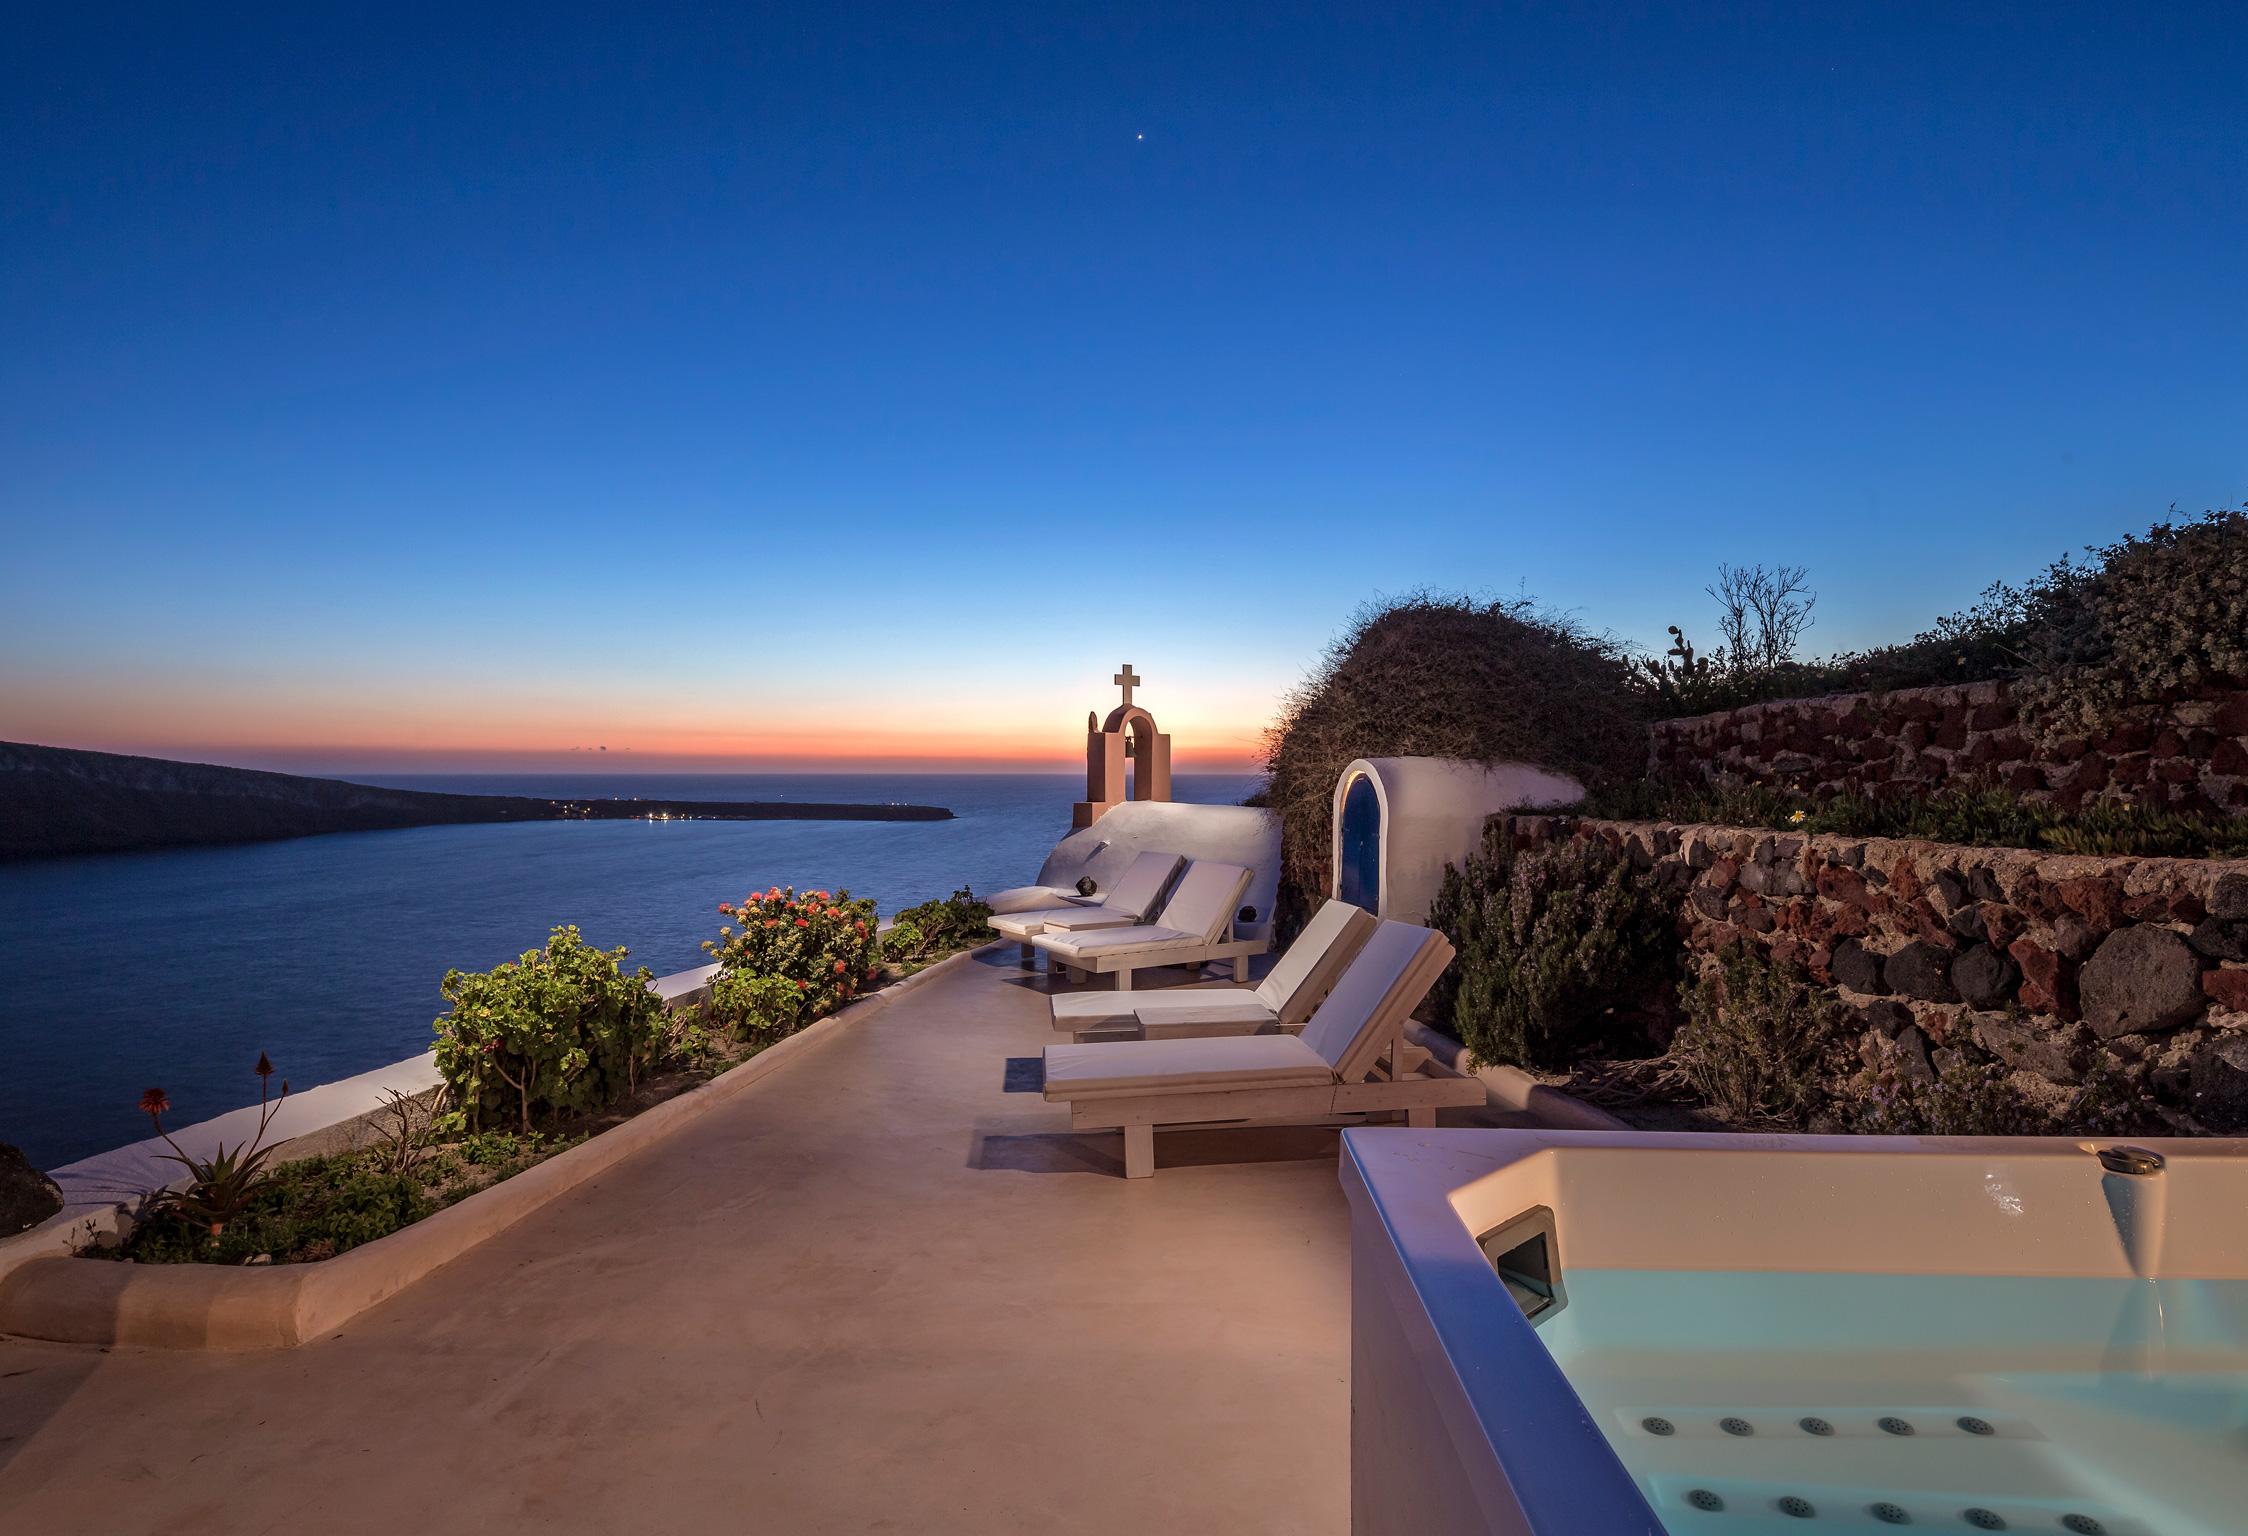 Santorini Villa Thais Sunset jumbotron image